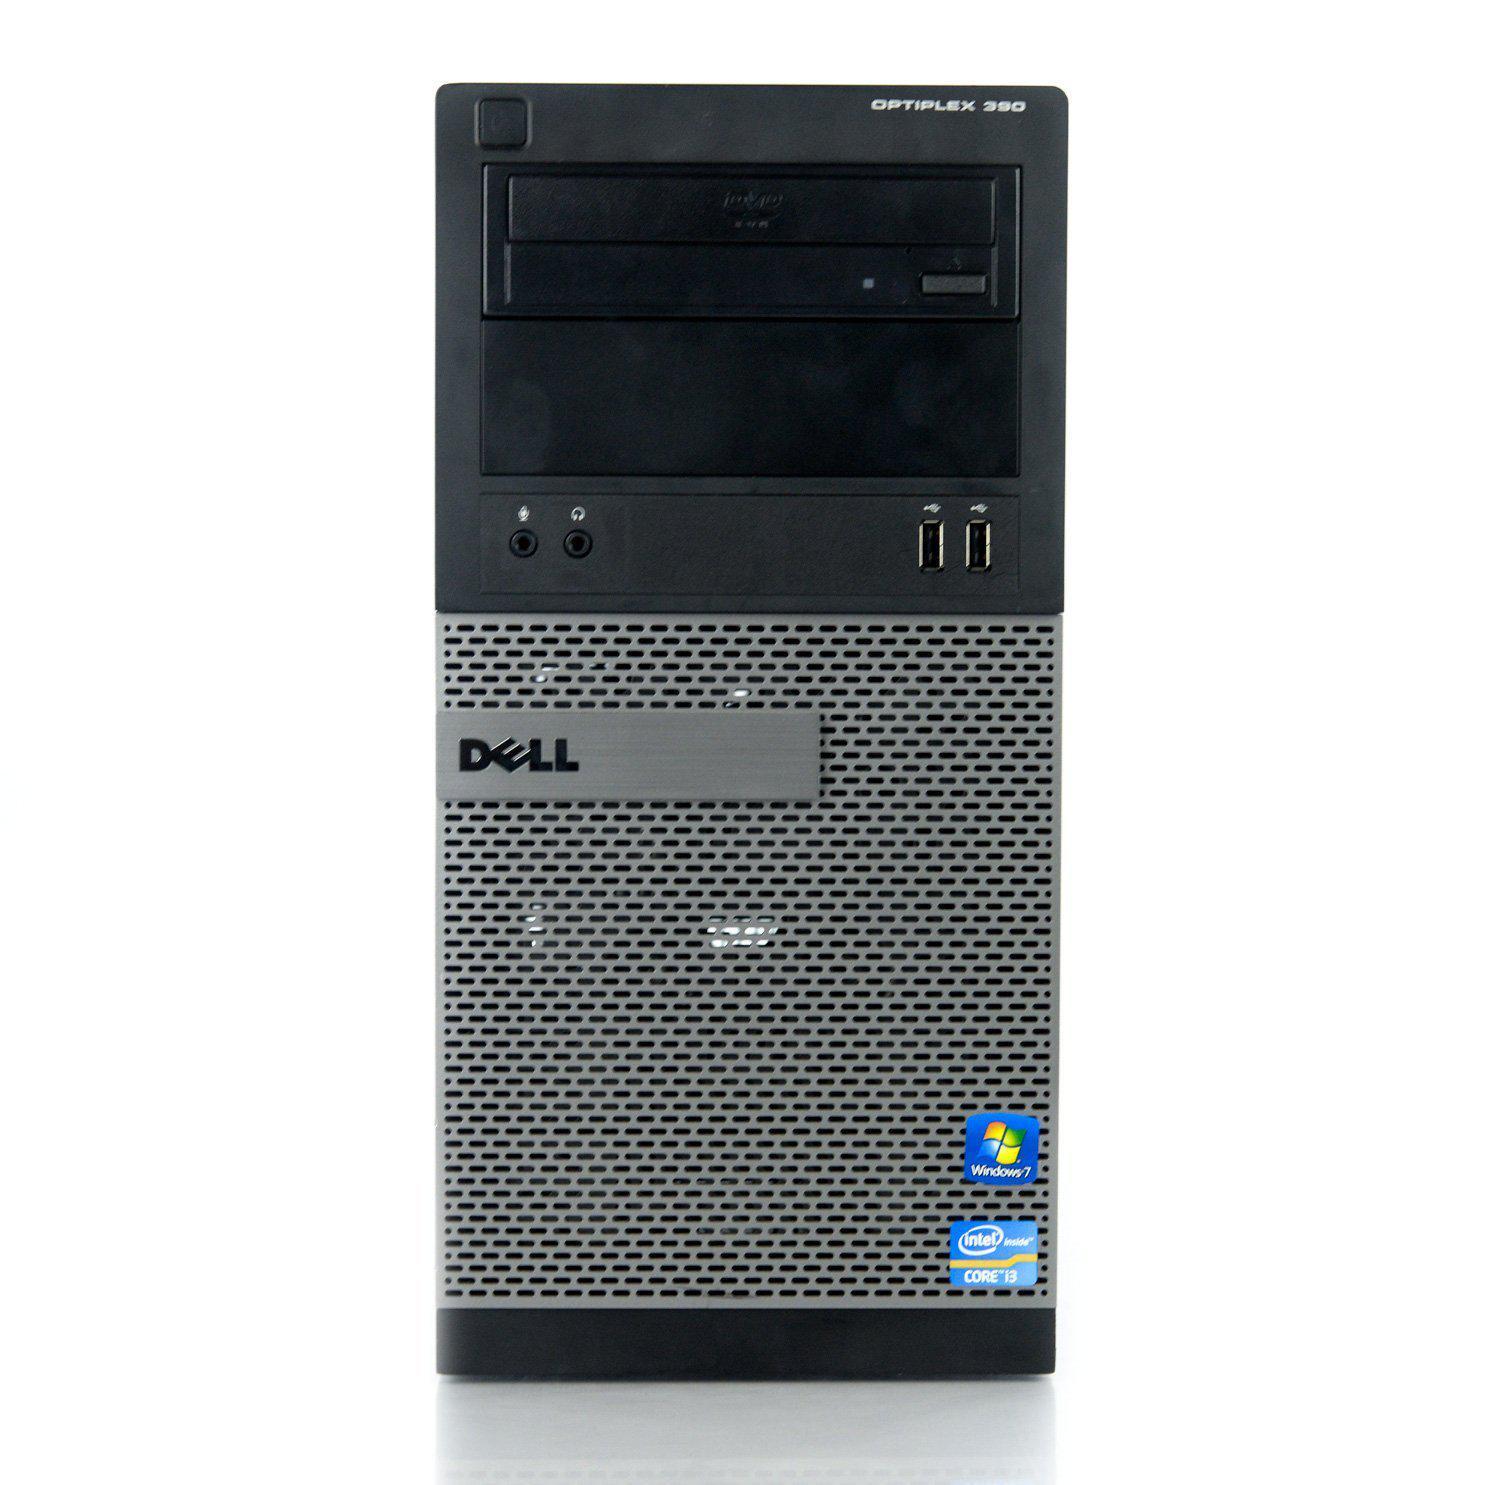 Dell OptiPlex 390 Core i5 3.1 GHz GHz - HDD 1 TB RAM 8GB